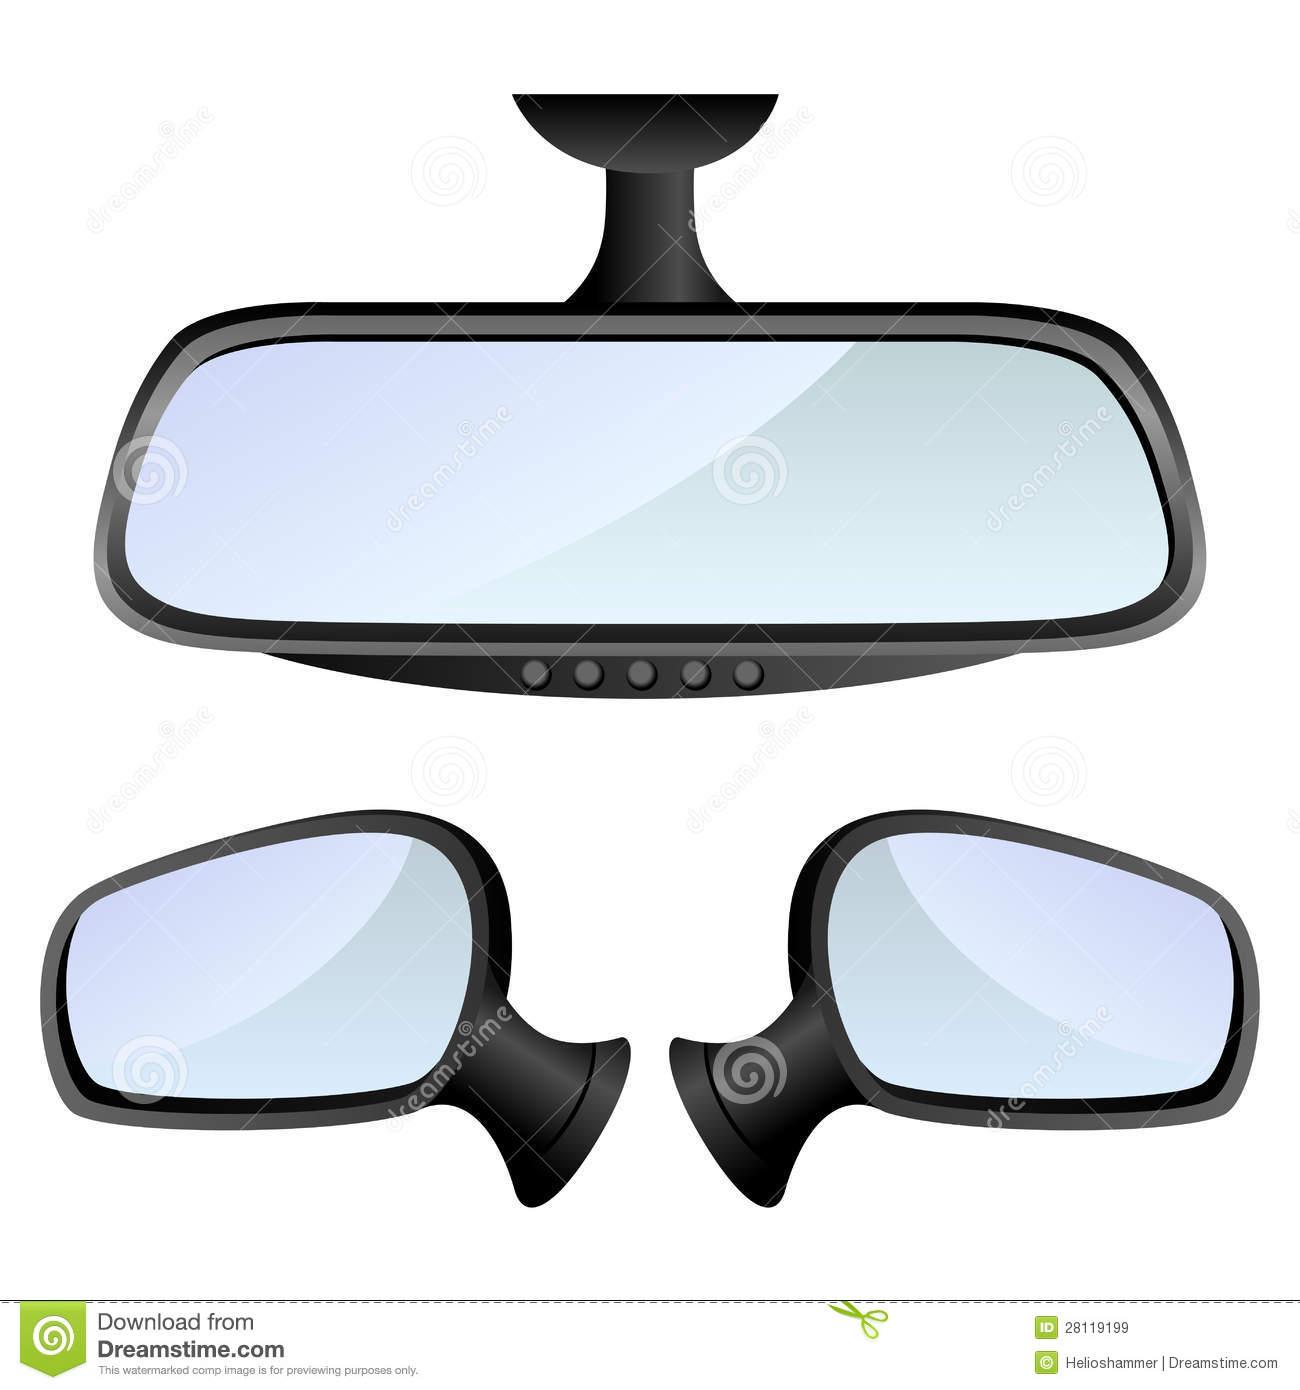 Car mirror clipart.